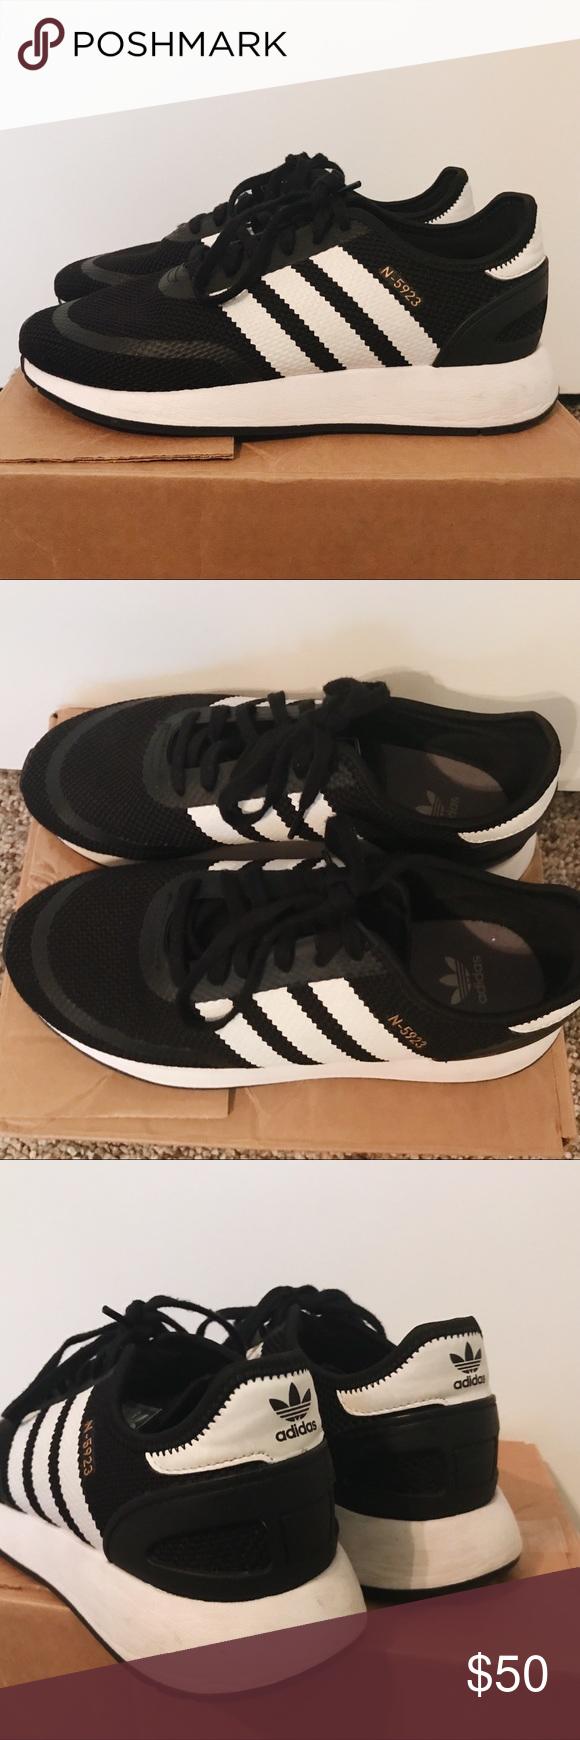 be6e711664afd Adidas Originals N-5923 Men s Women s Shoes Adidas Originals N-5923 Unisex  Shoes